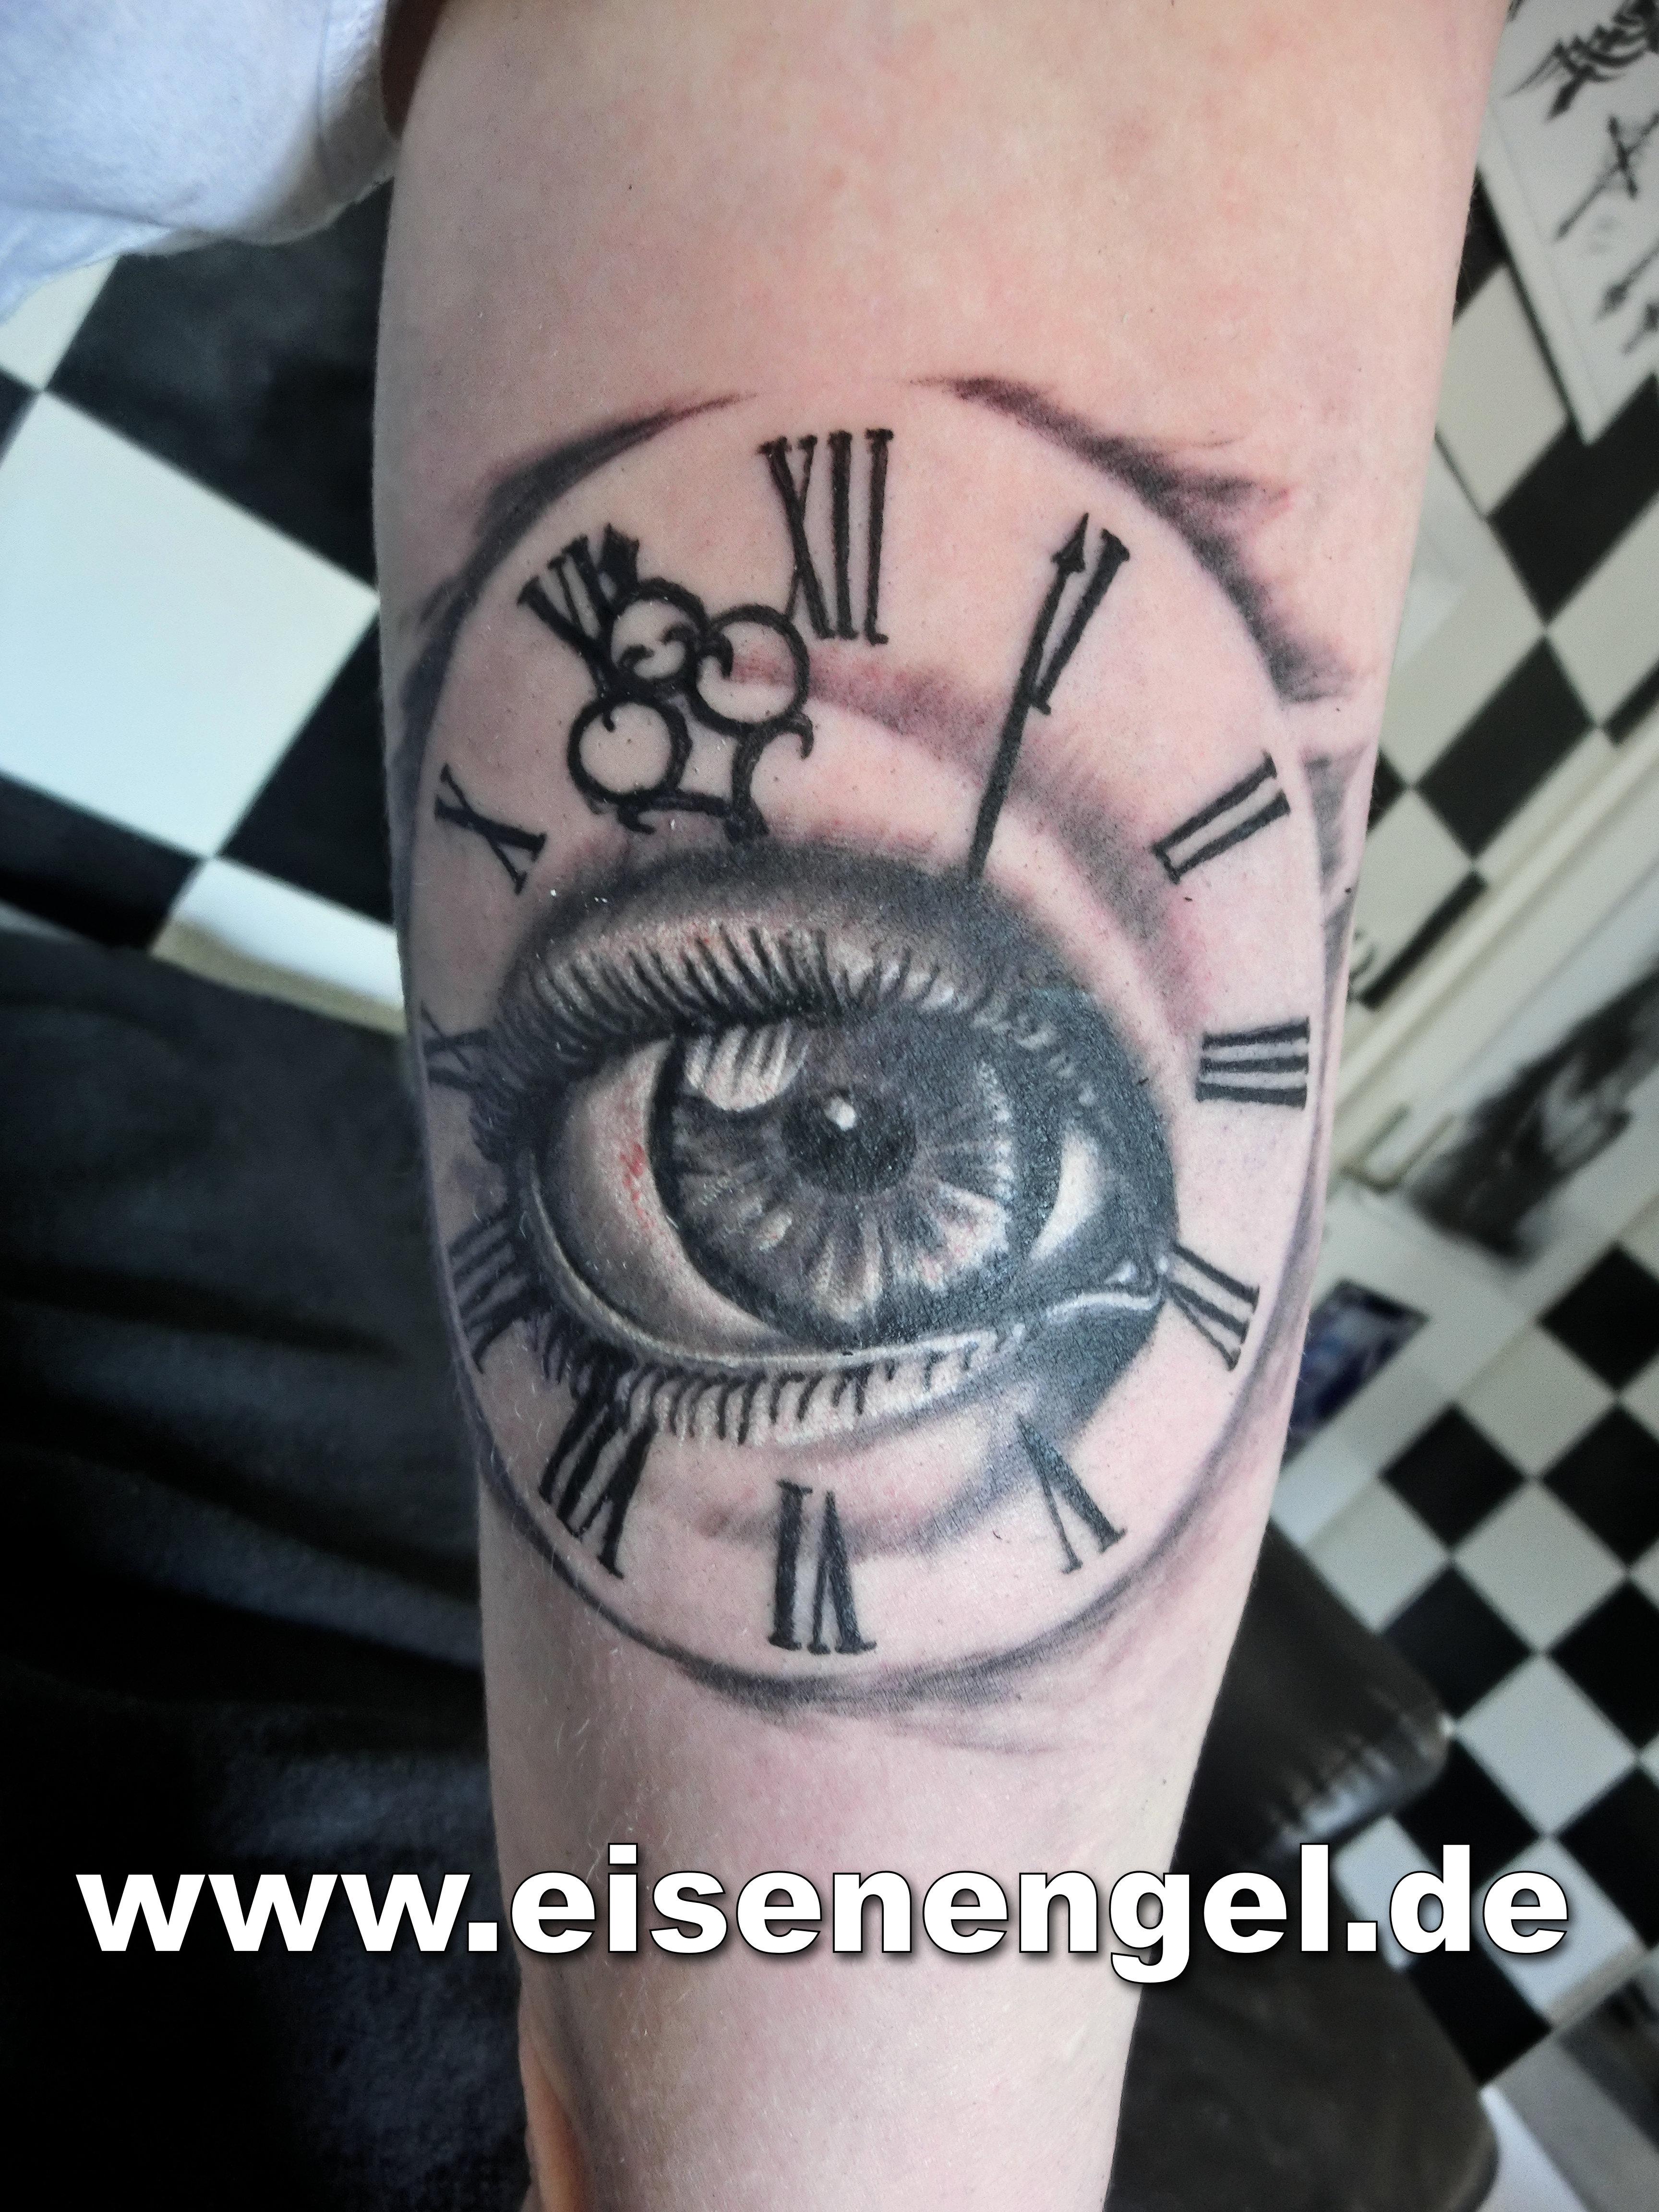 tattoo_auge_uhr.JPG